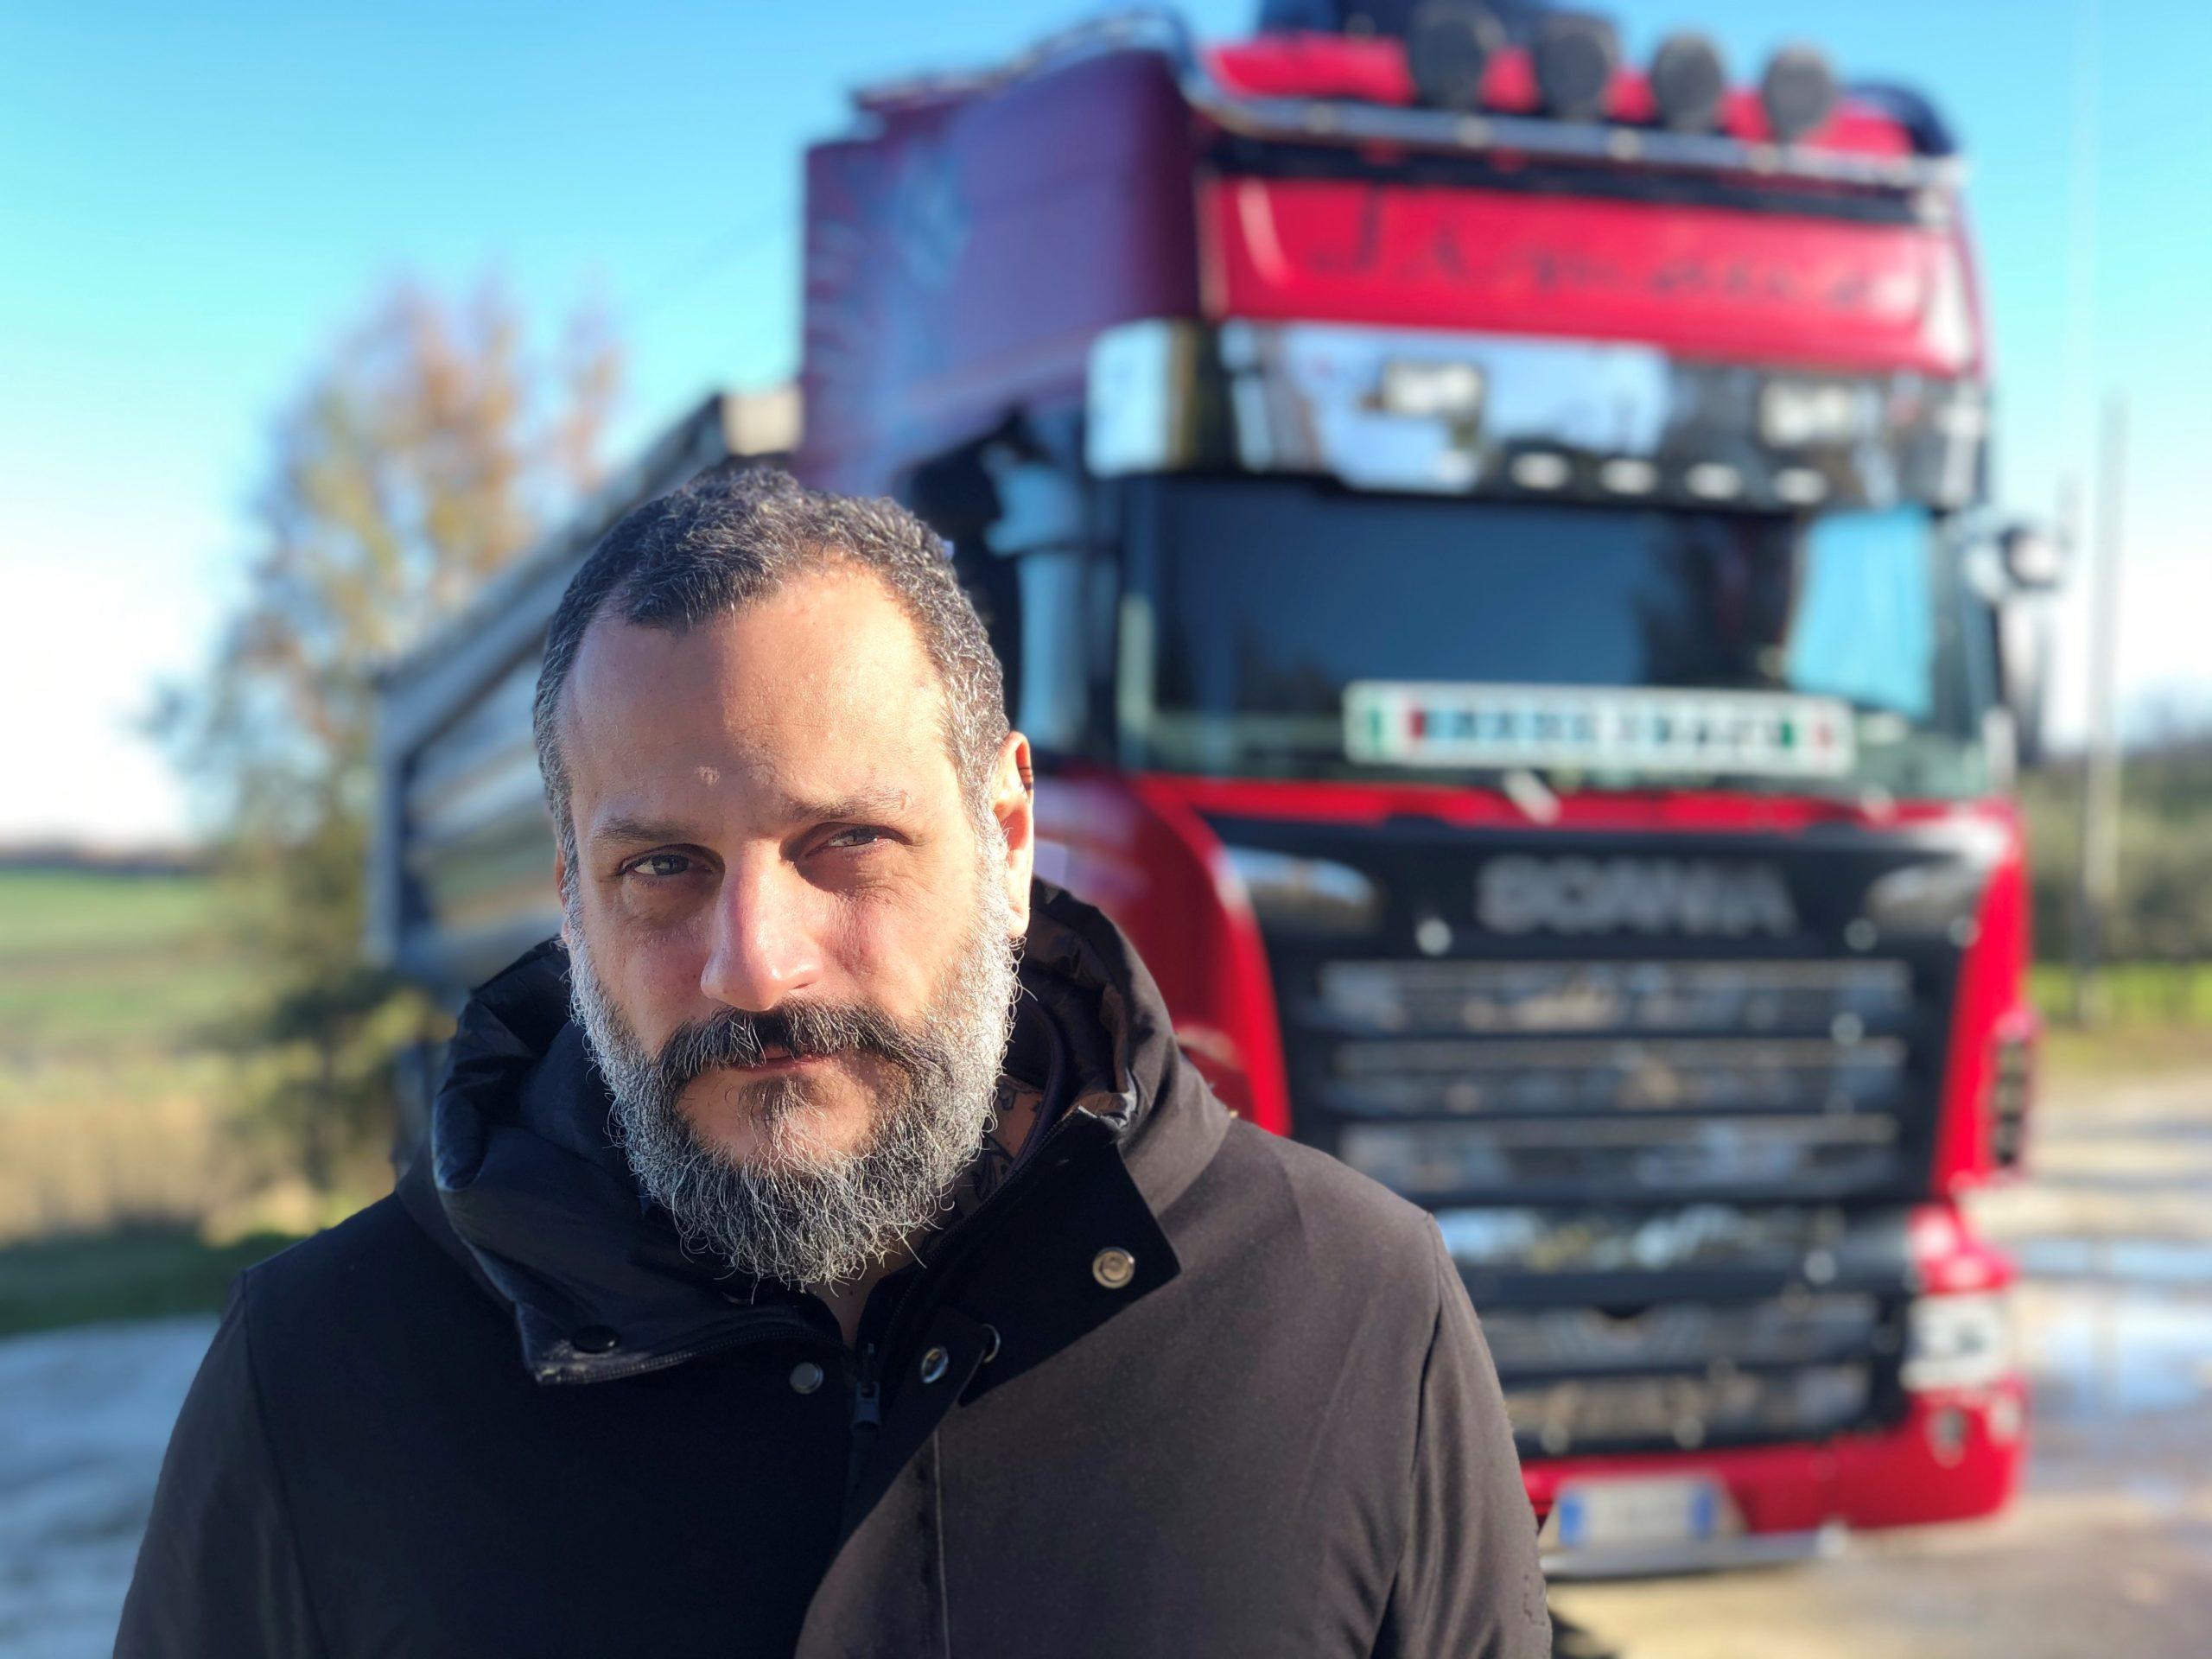 Camionisti in trattoria, la nuova edizione con lo chef Misha Sukyas su NOVE